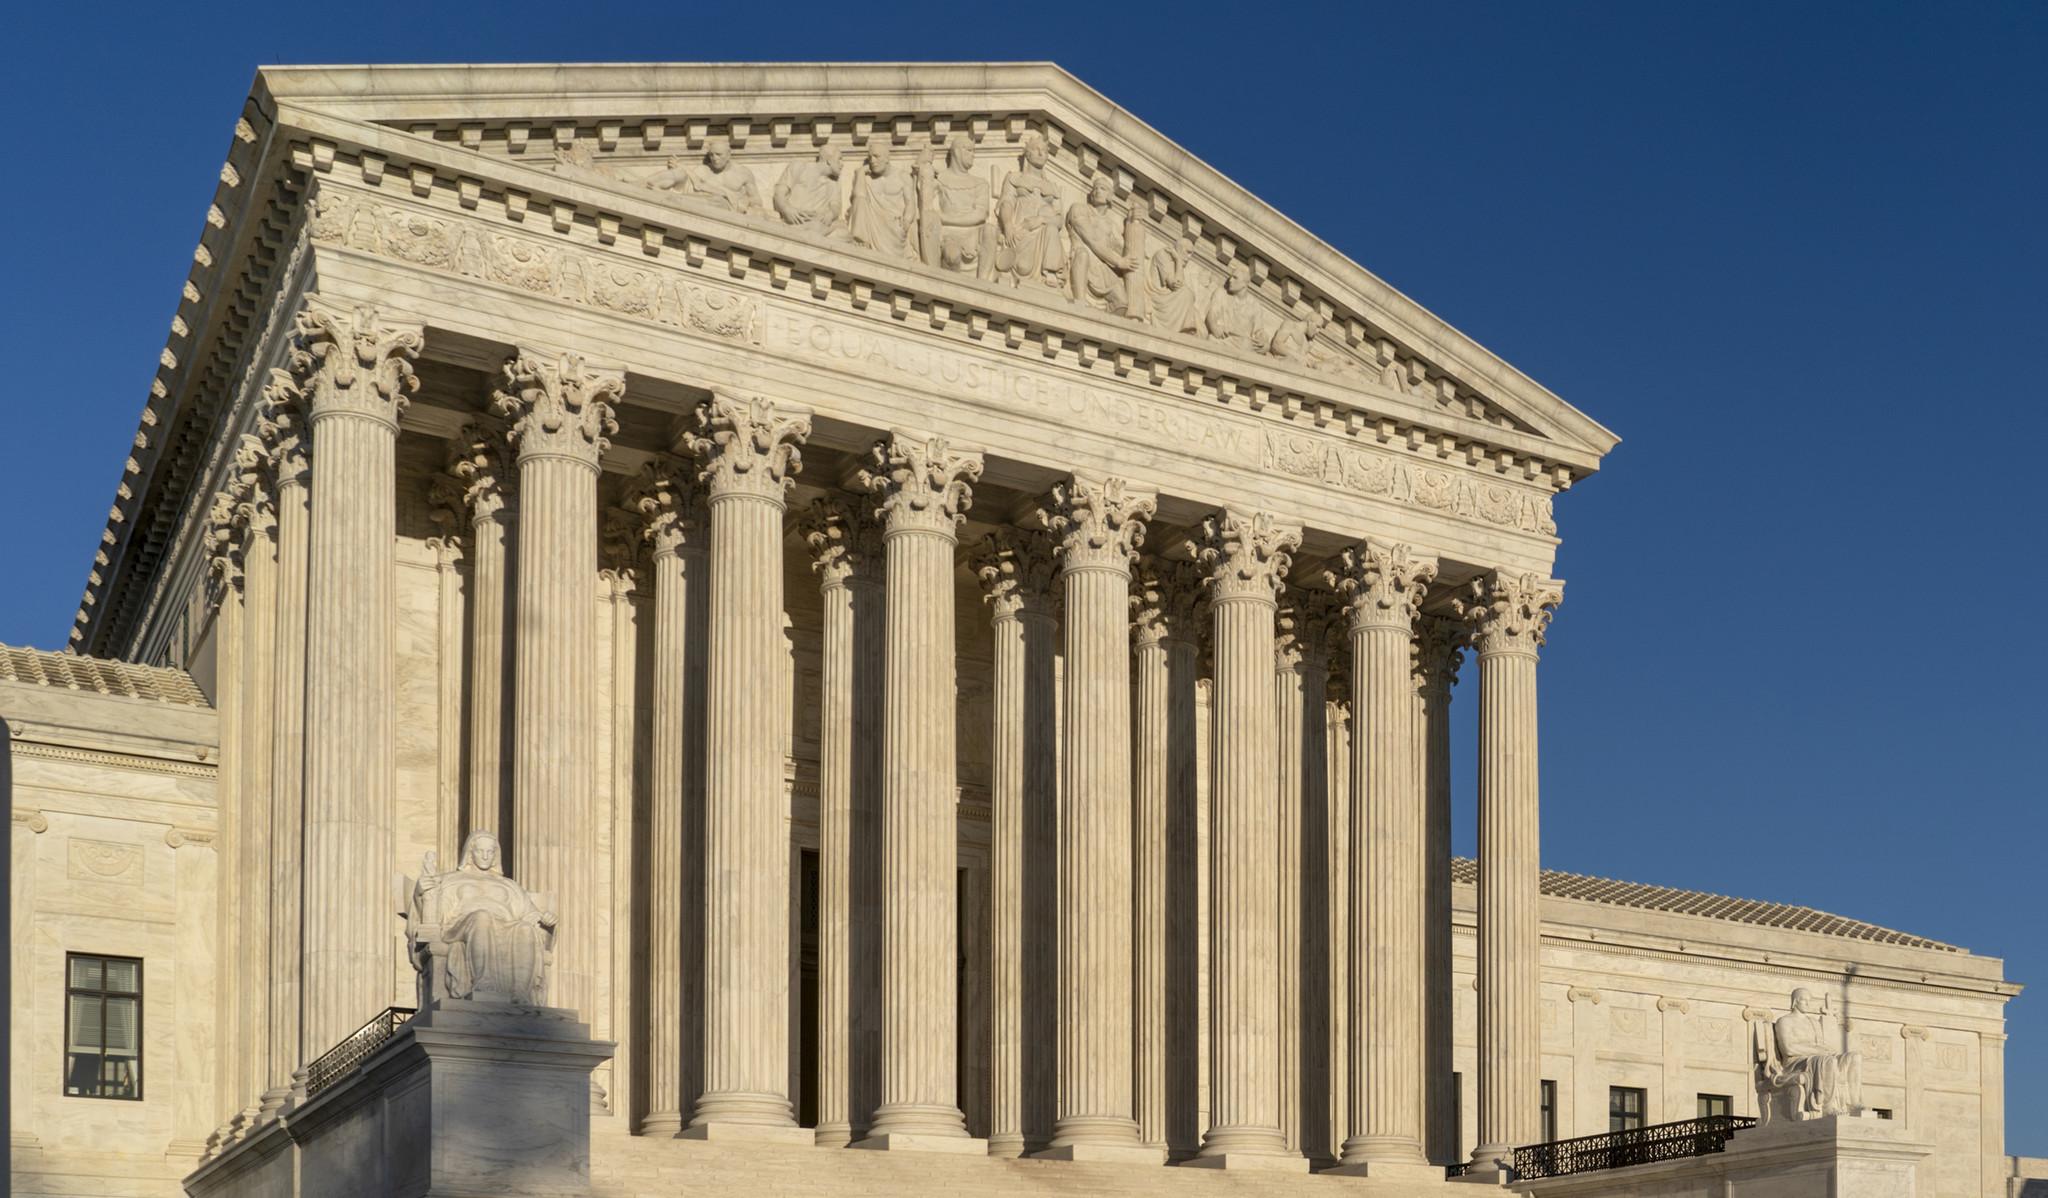 Democrats, advocates condemn travel ban ruling as historic ...